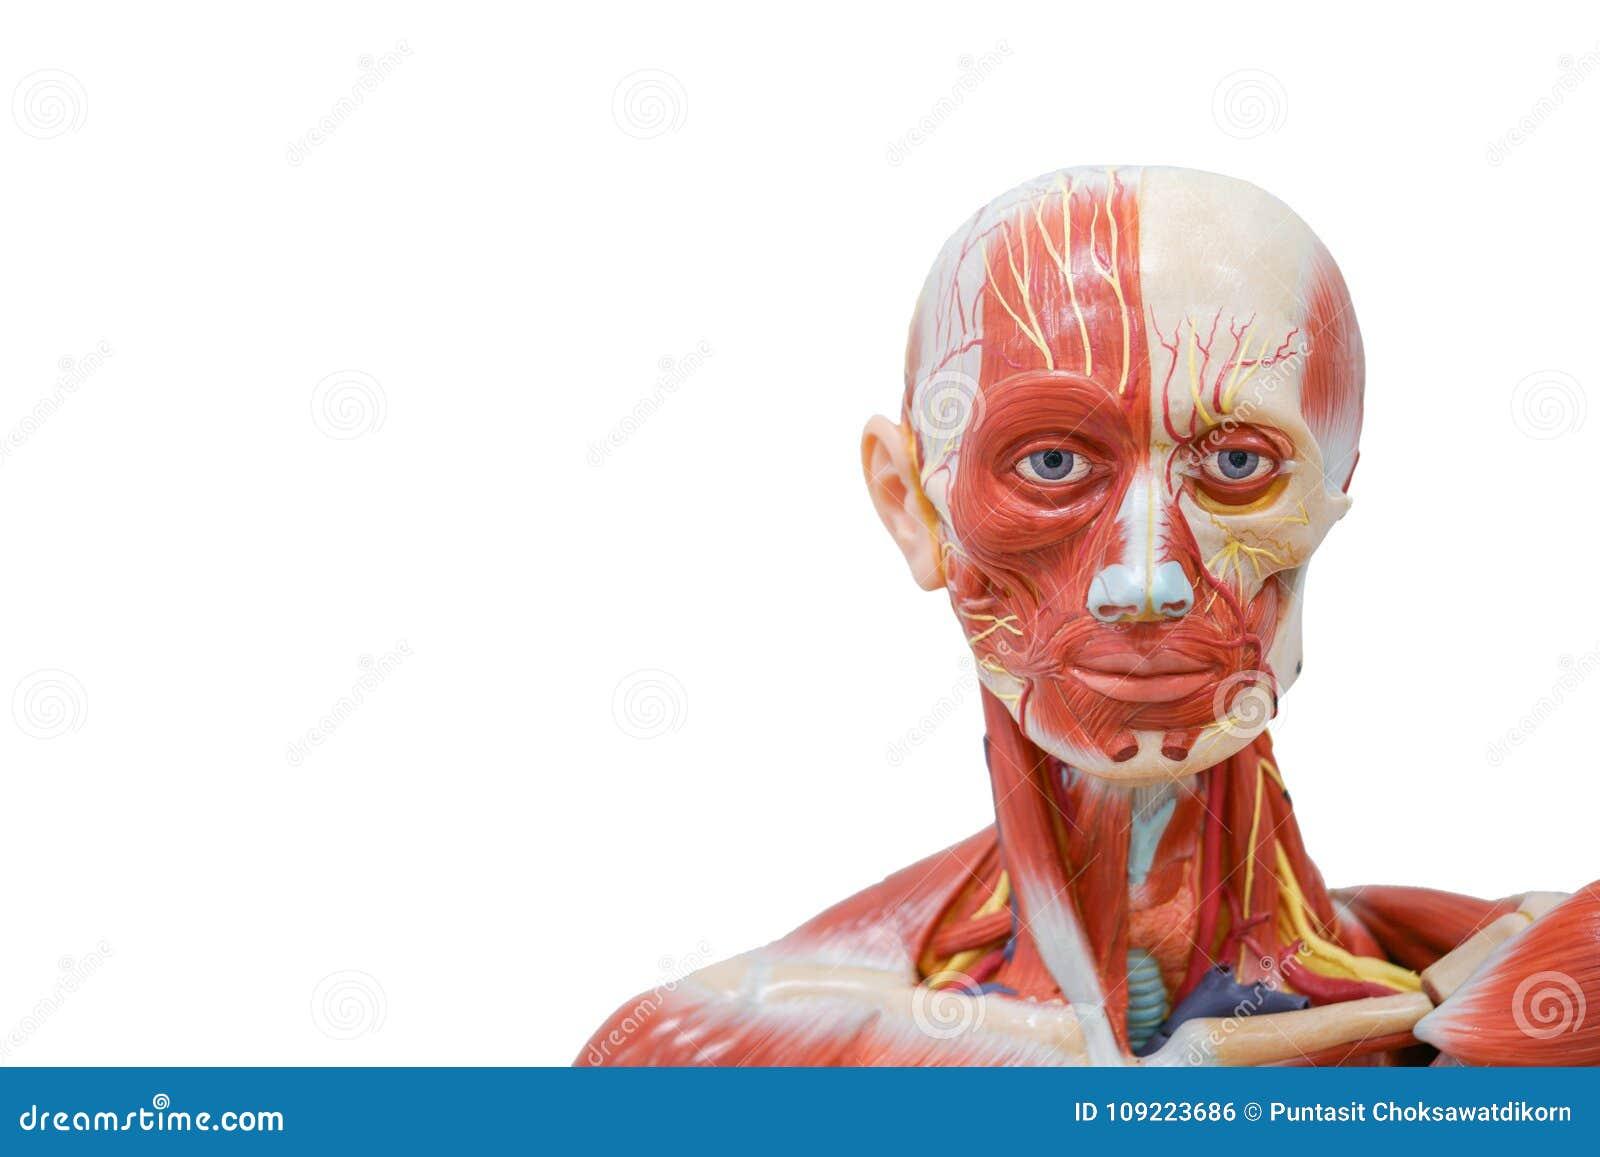 Fondo De La Ciencia: Modelo De La Anatomía De La Cabeza Humana Foto ...